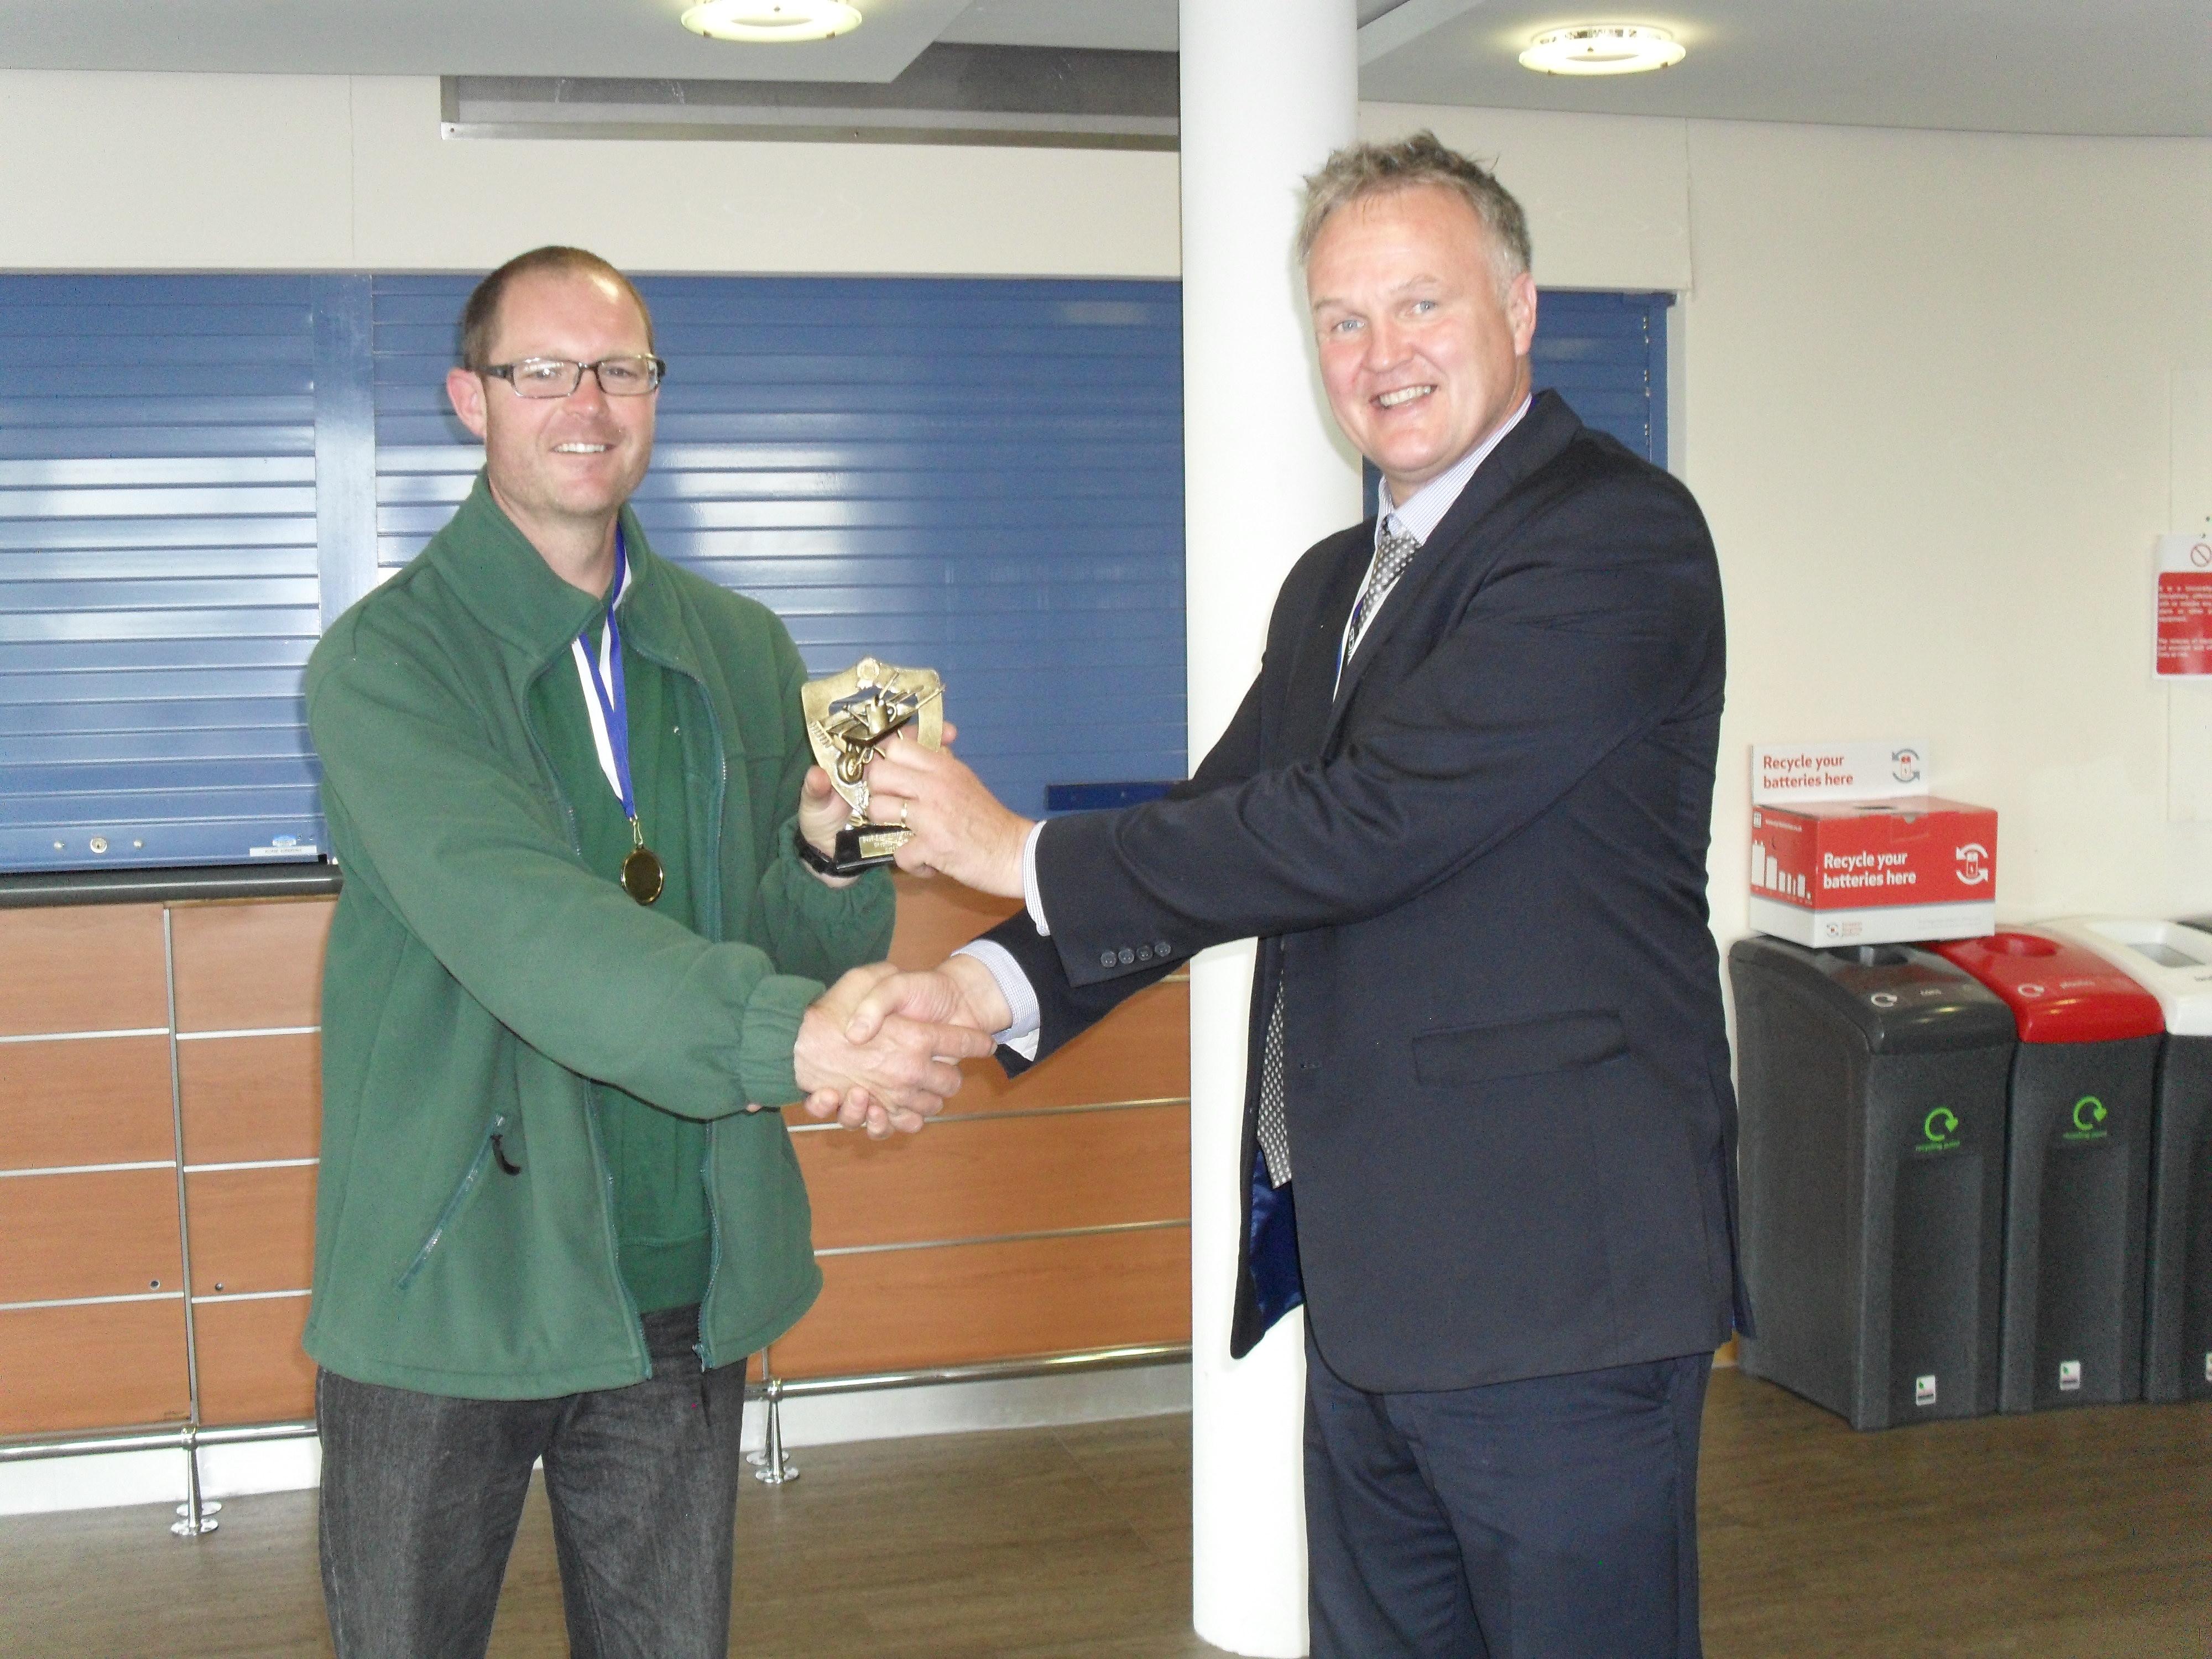 Peter Award